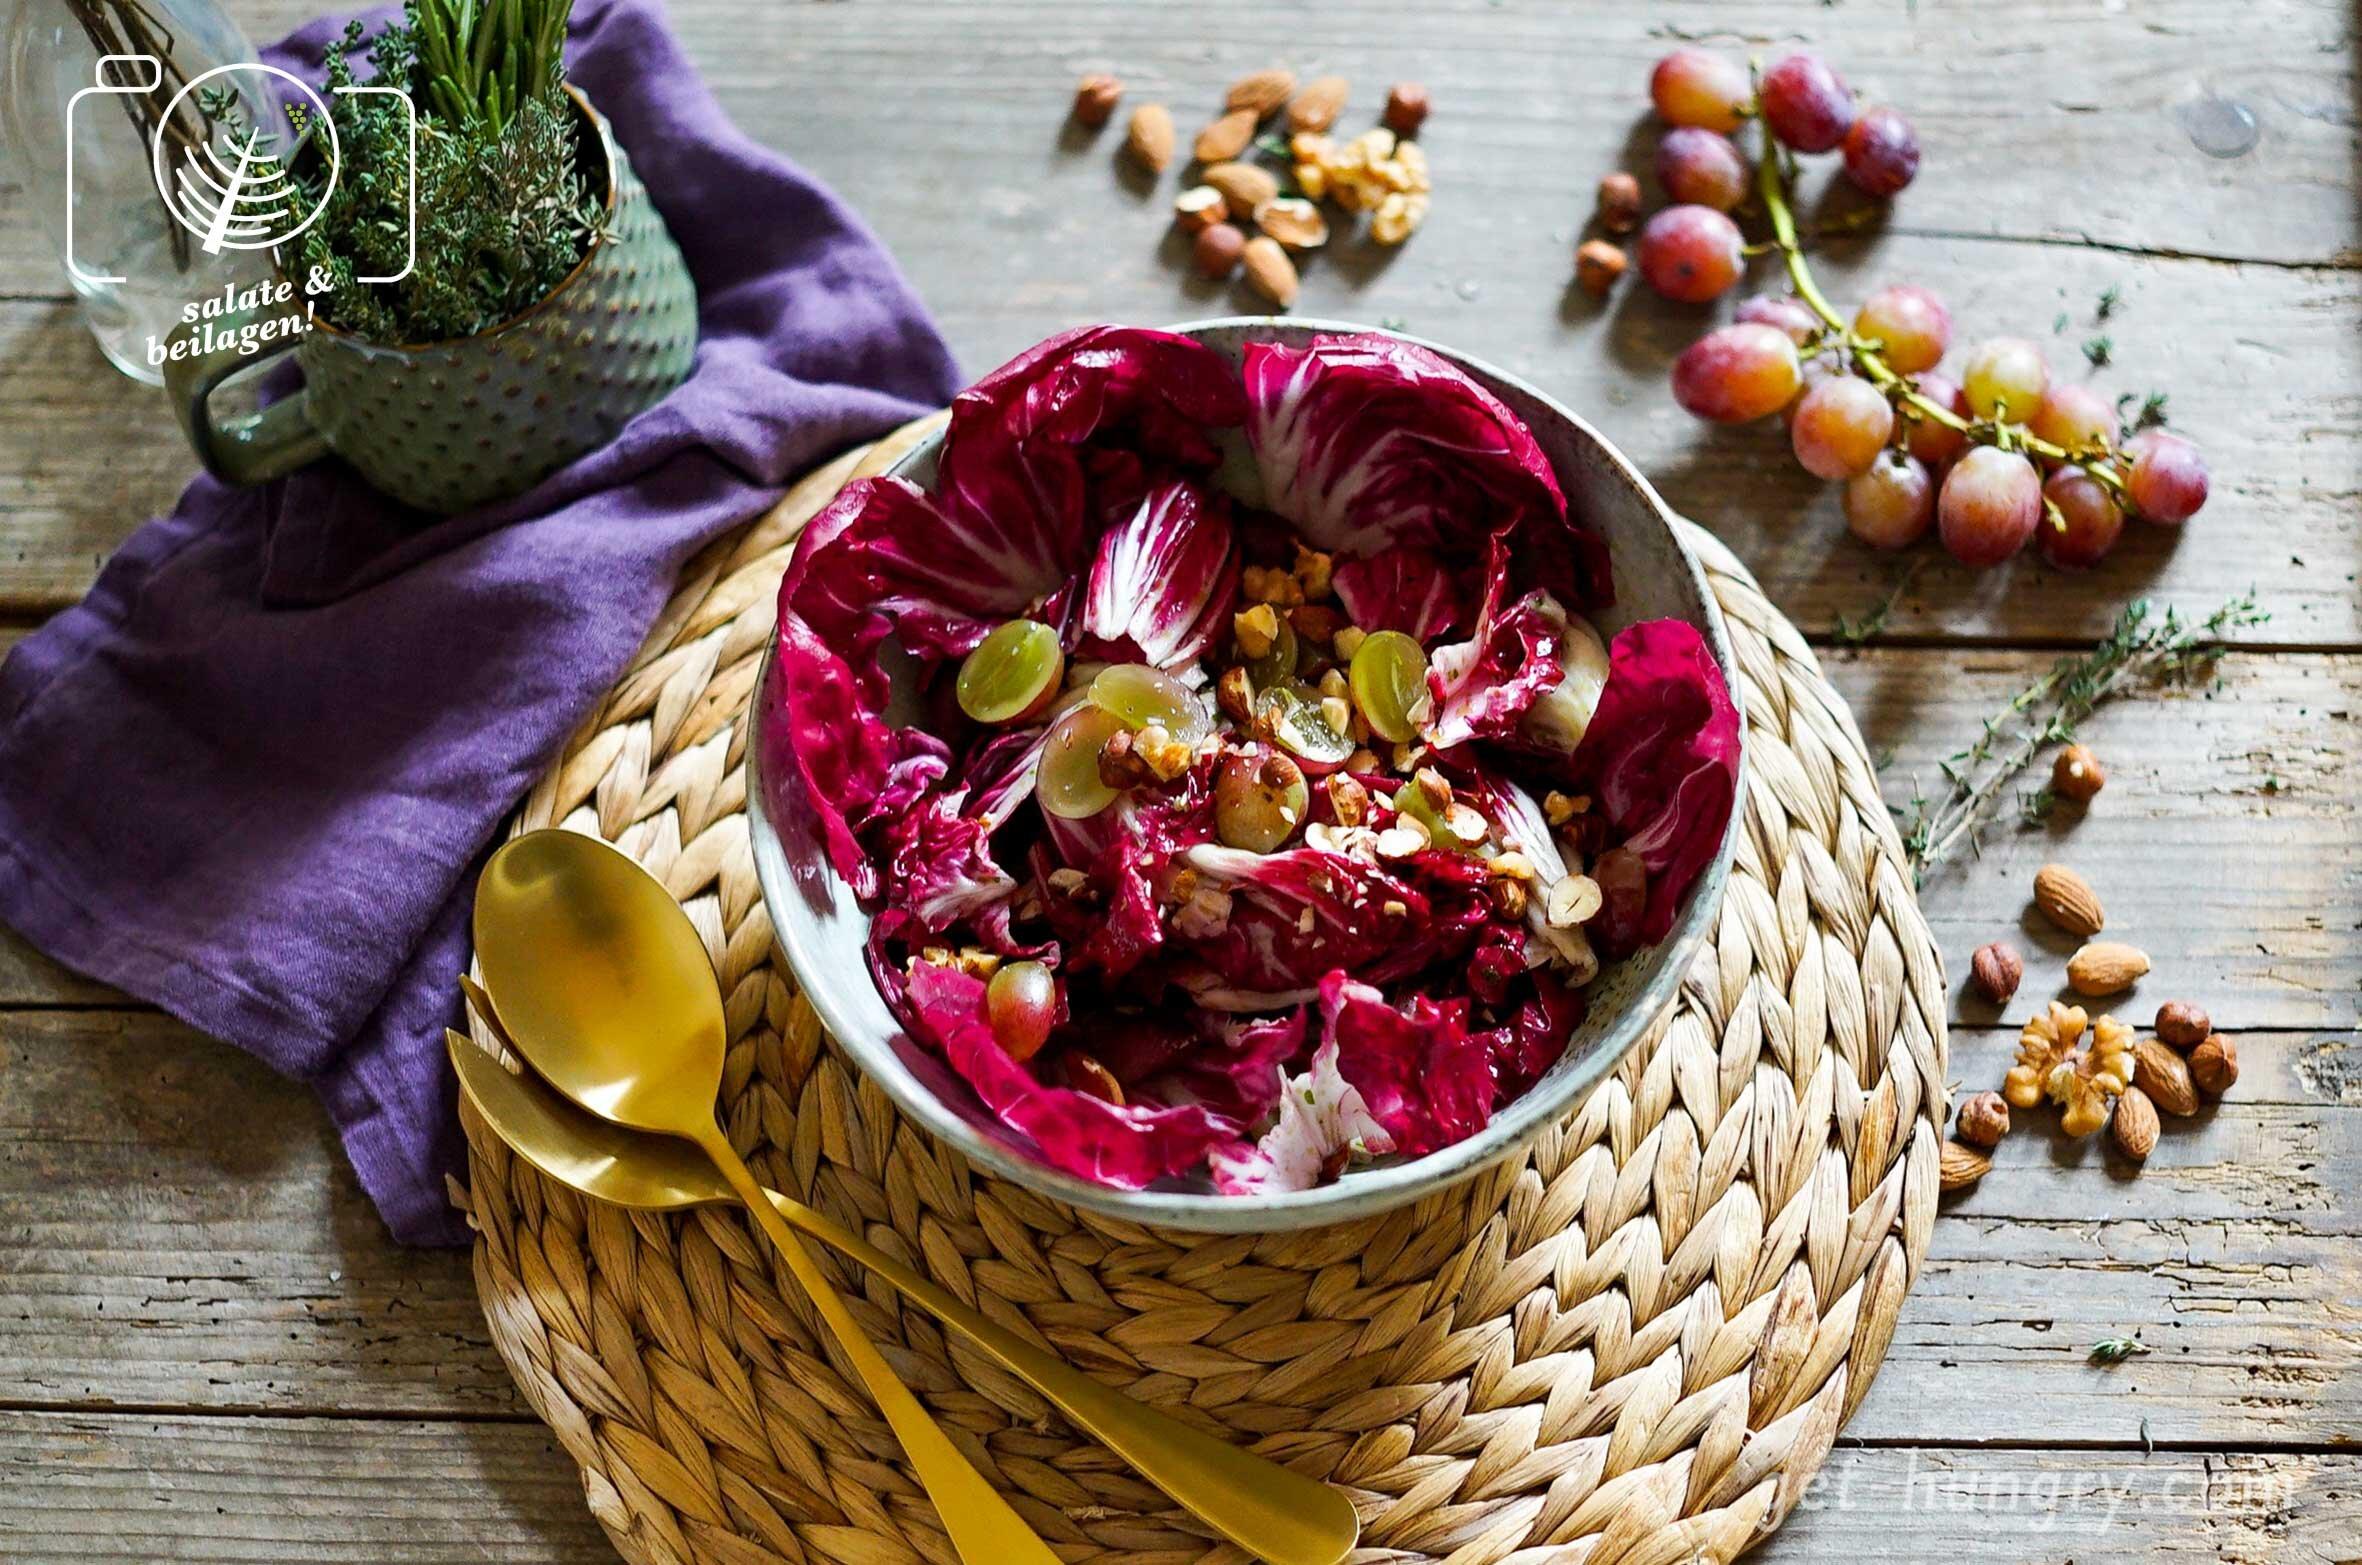 Herbstsalat mit Radiccio, Trauben und Nussmix